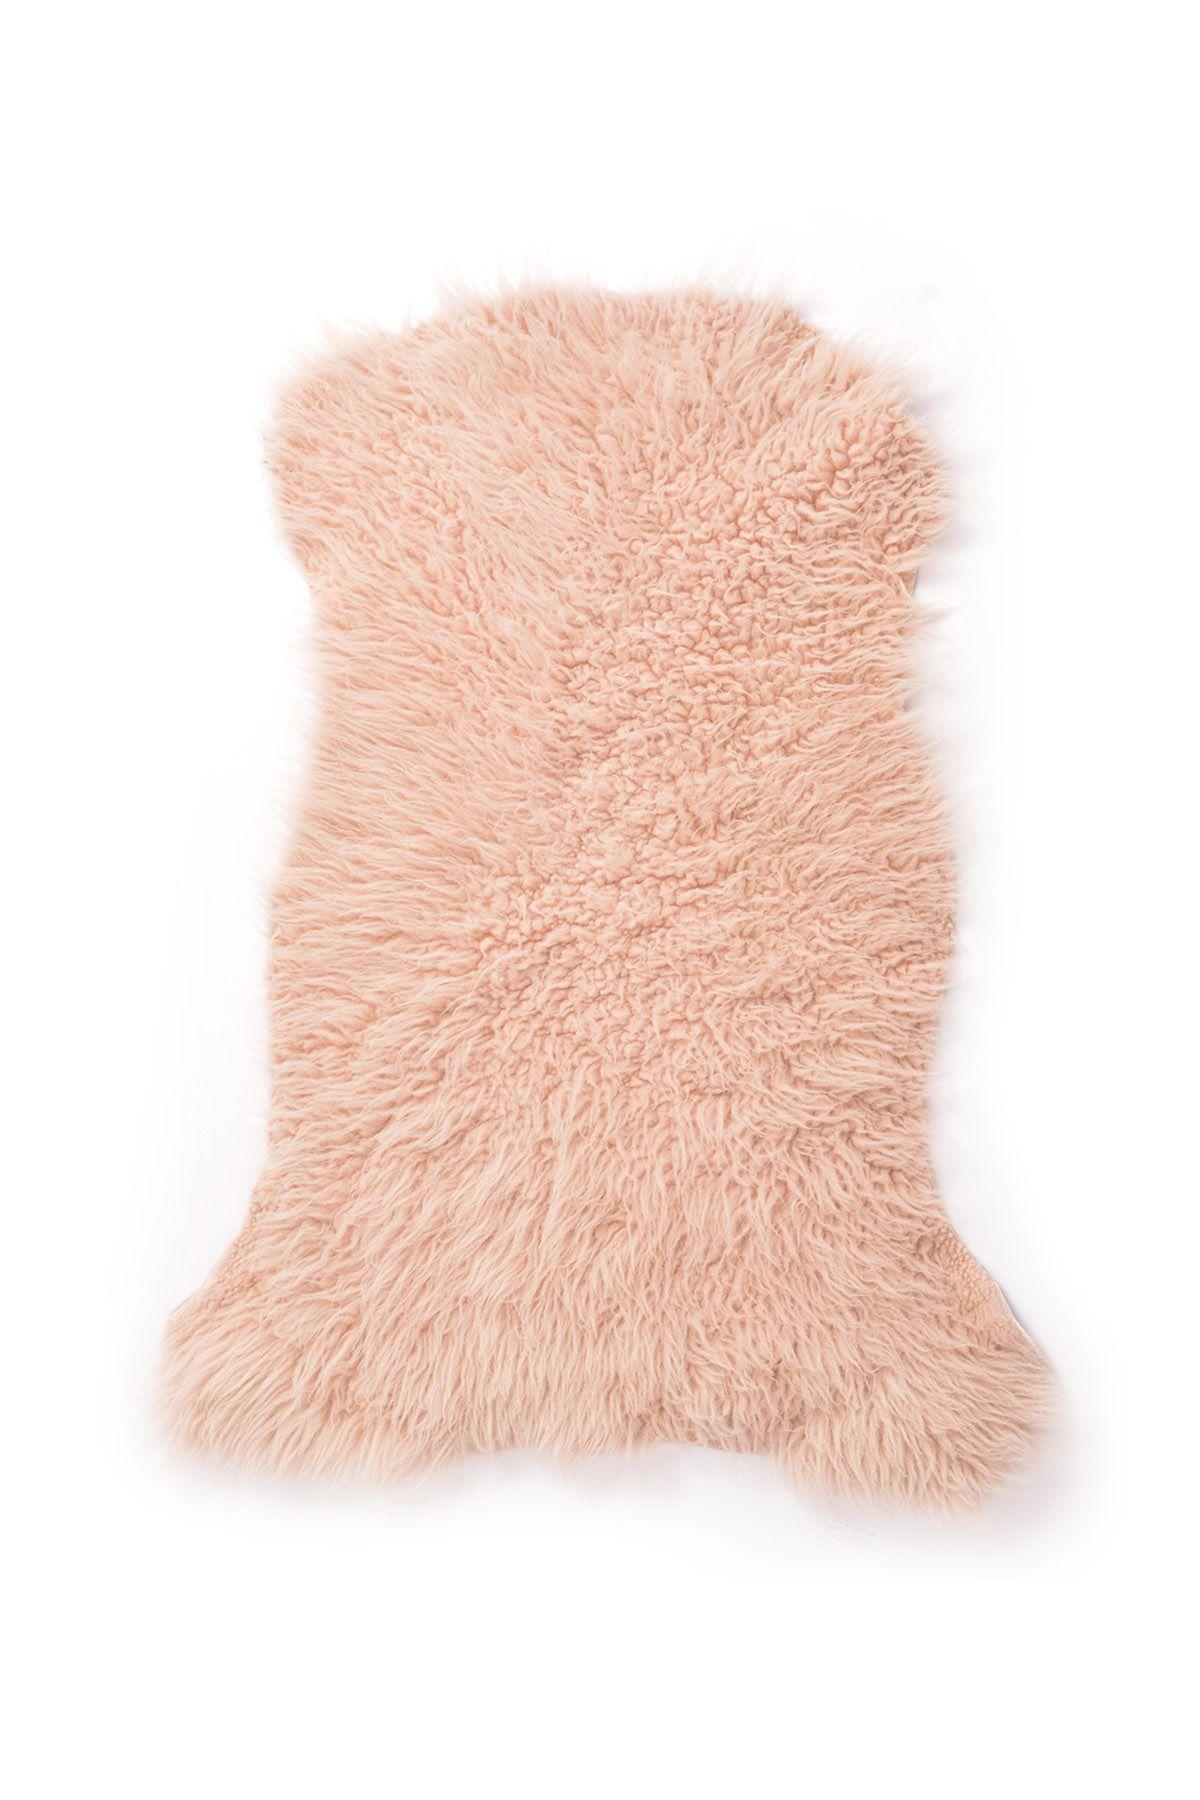 Erdogan Deri Decorative Sheepskin Rug Pink